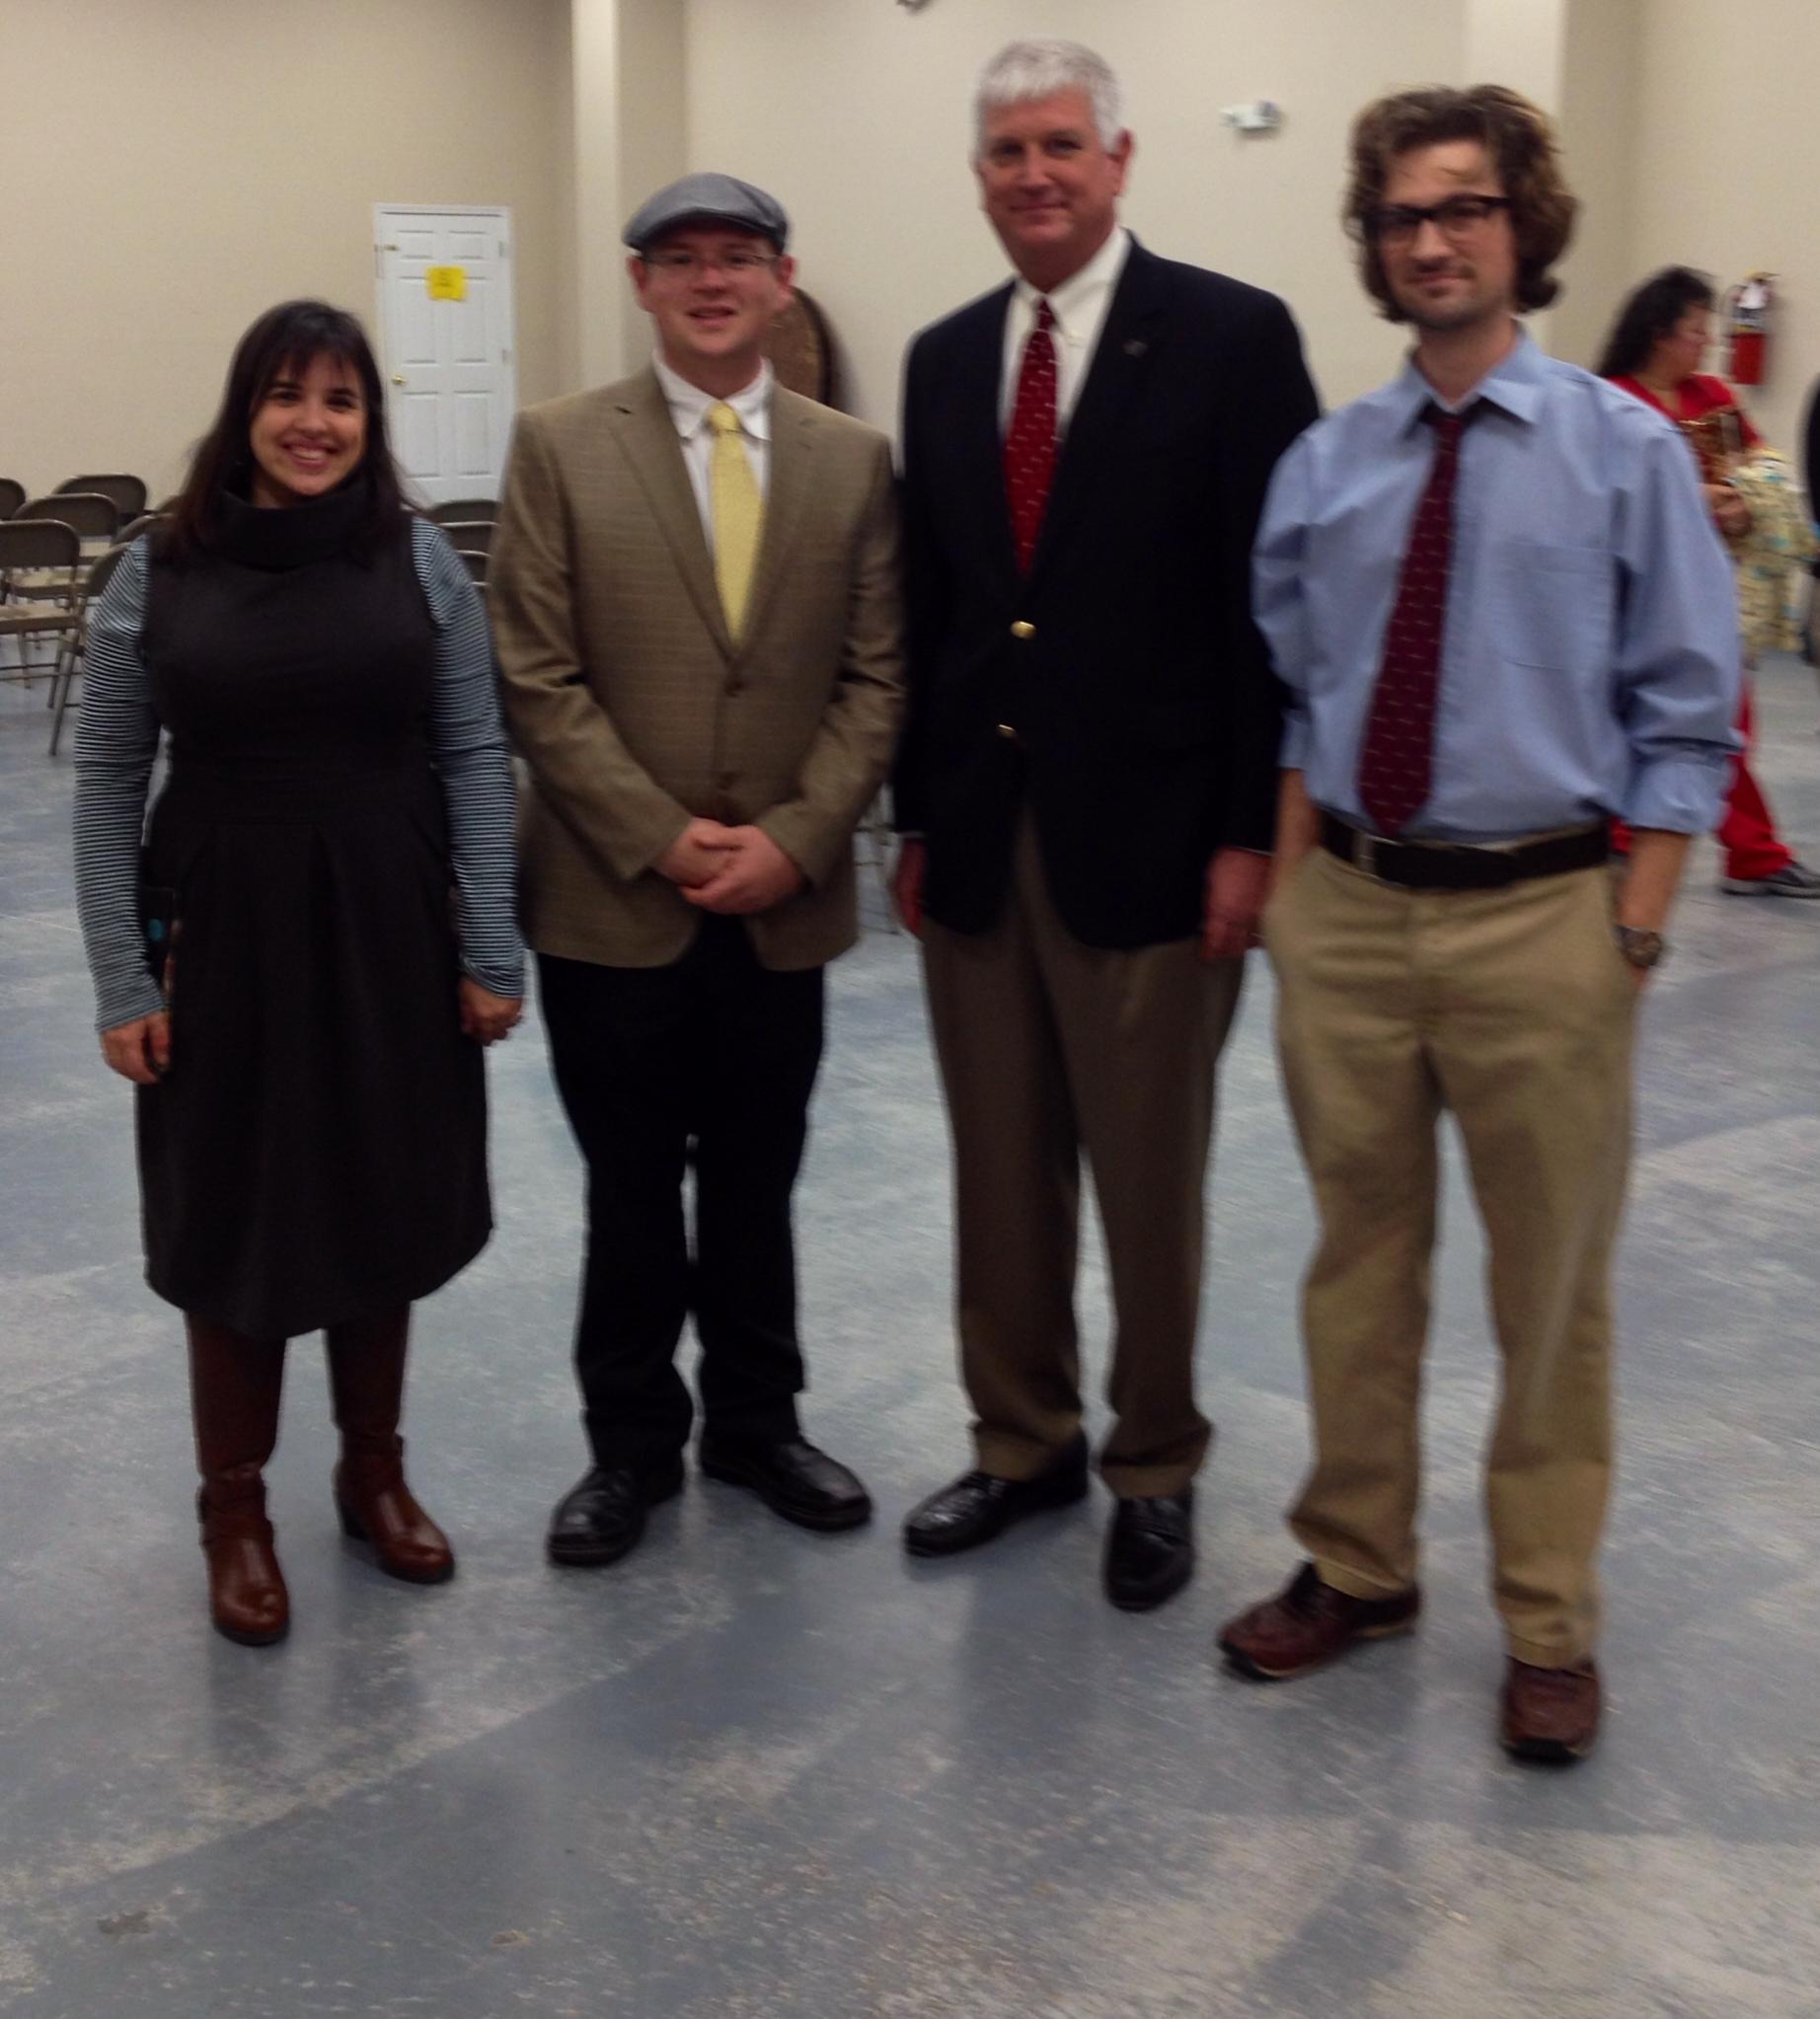 Kim & Ric Jordan, and Representative David Sessions